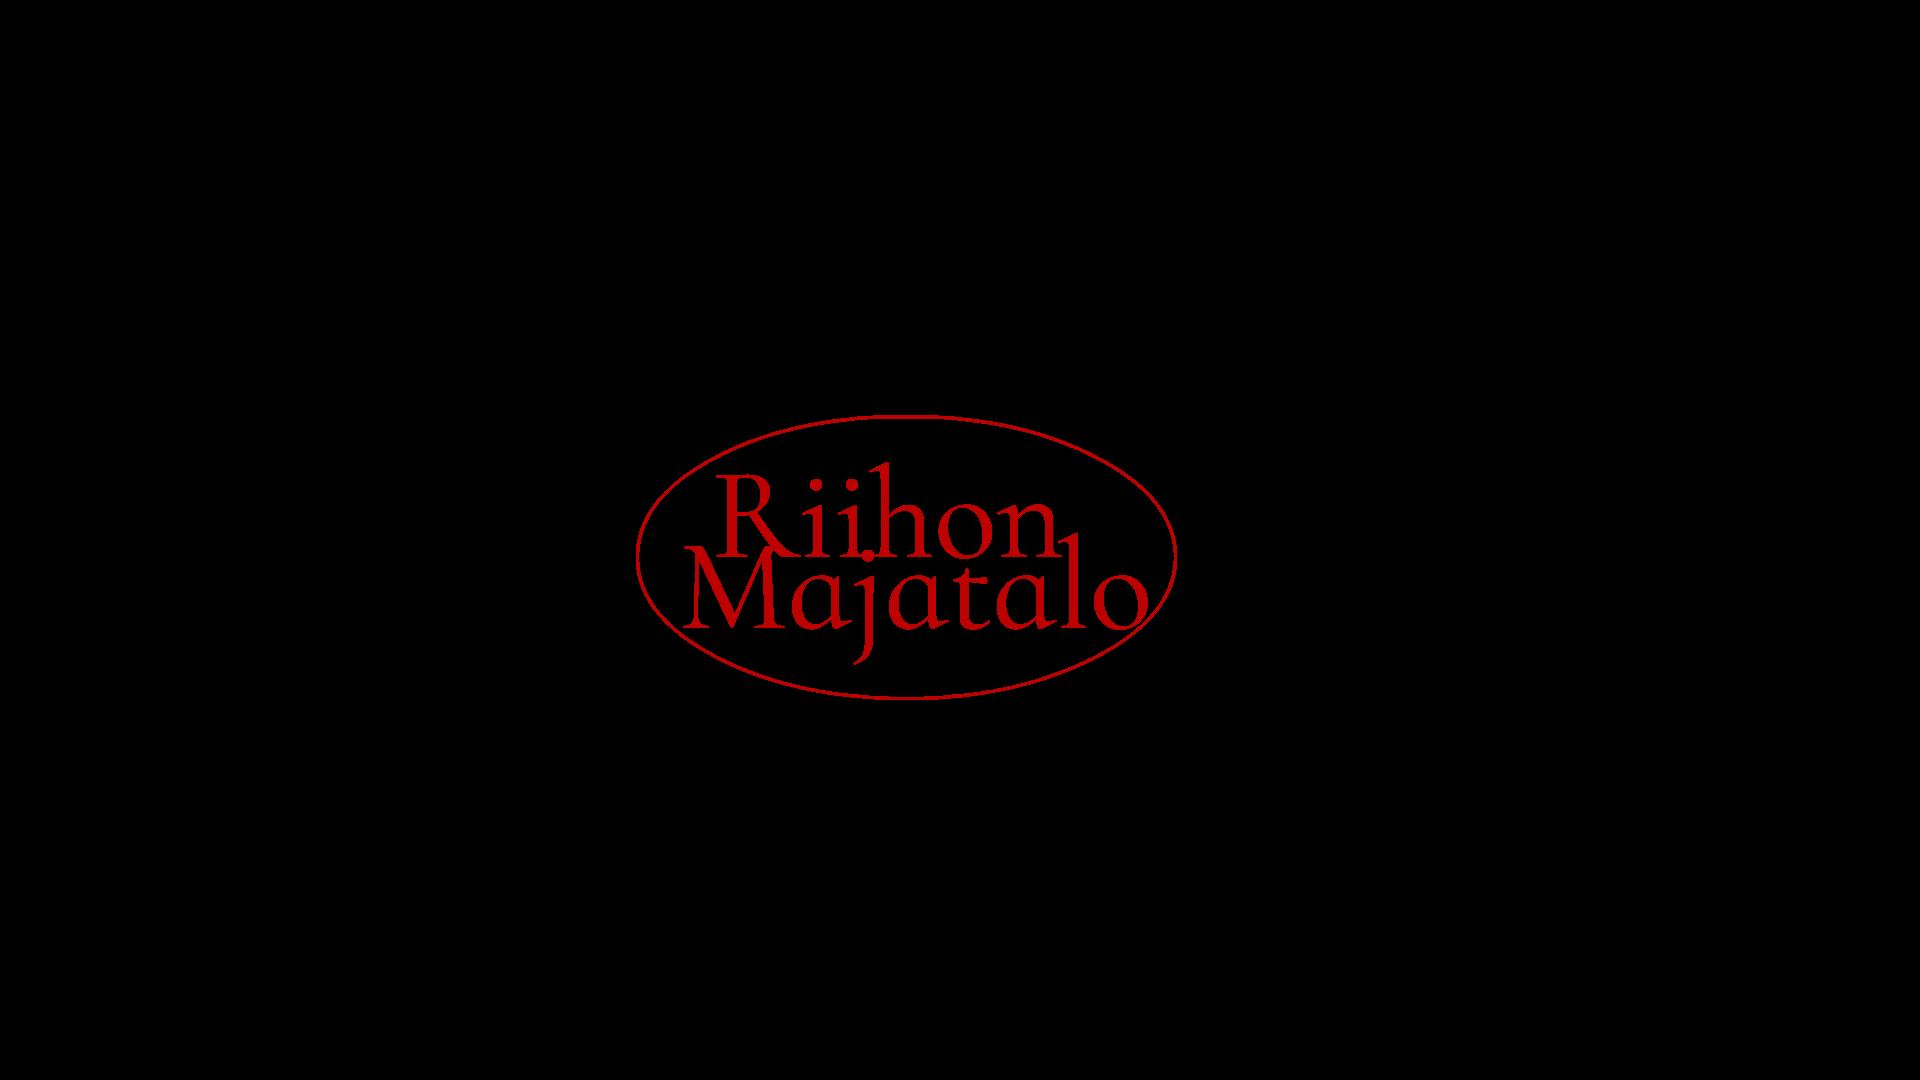 Majatalon logo transparent